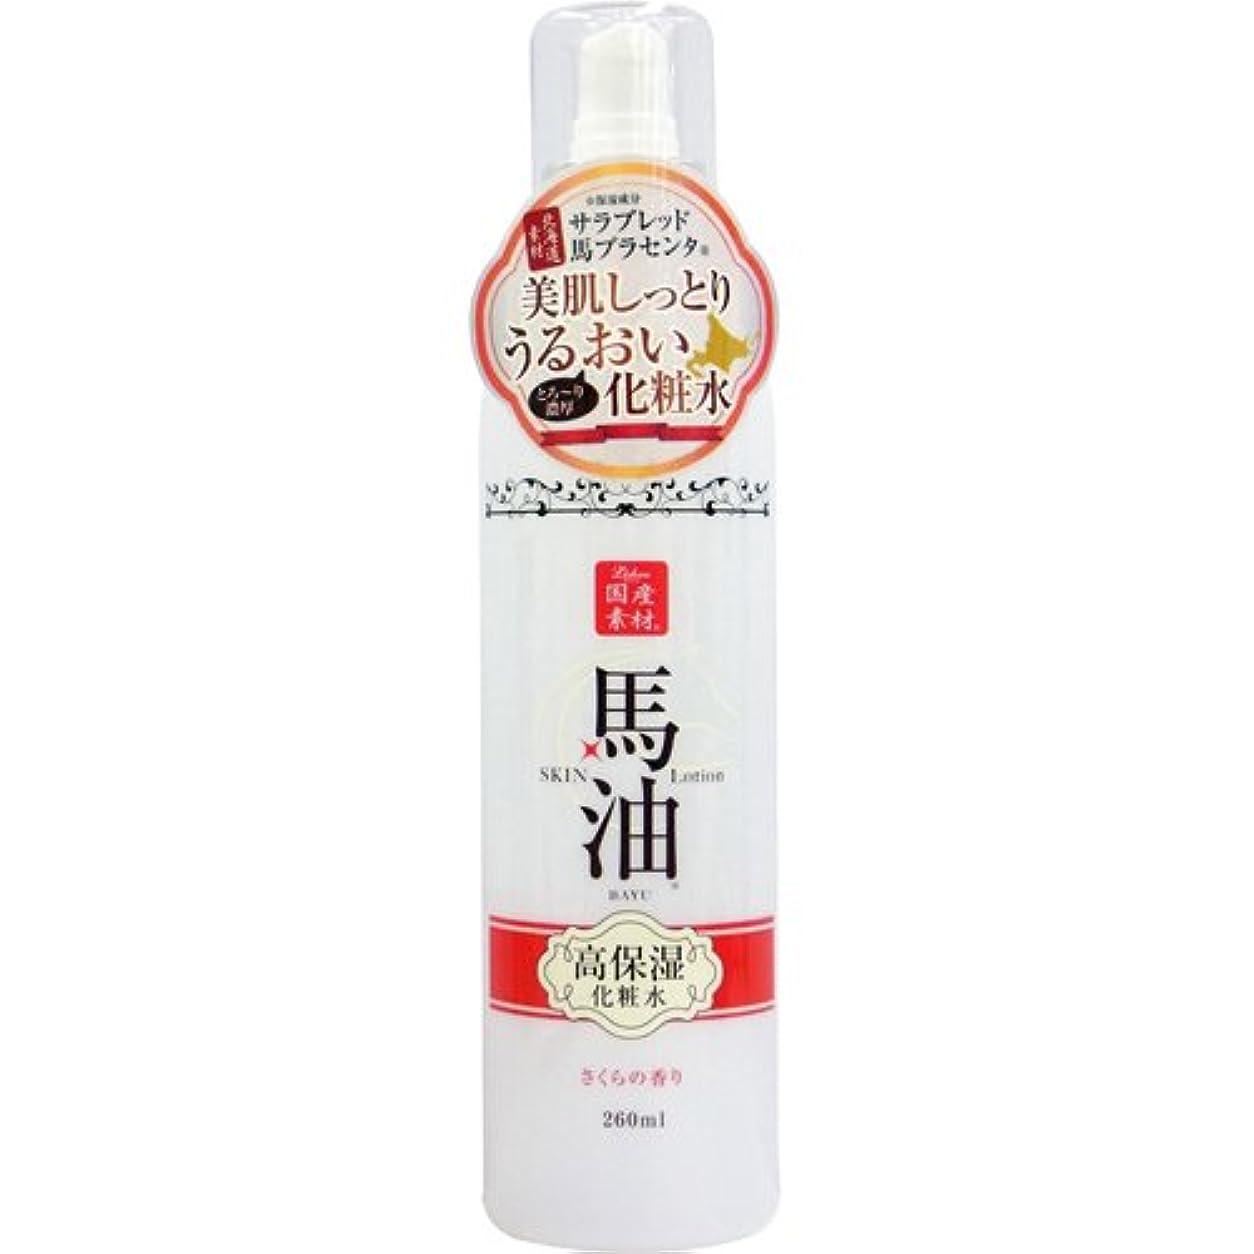 作物後ろ、背後、背面(部司書リシャン 馬油化粧水 (さくらの香り) (260mL)